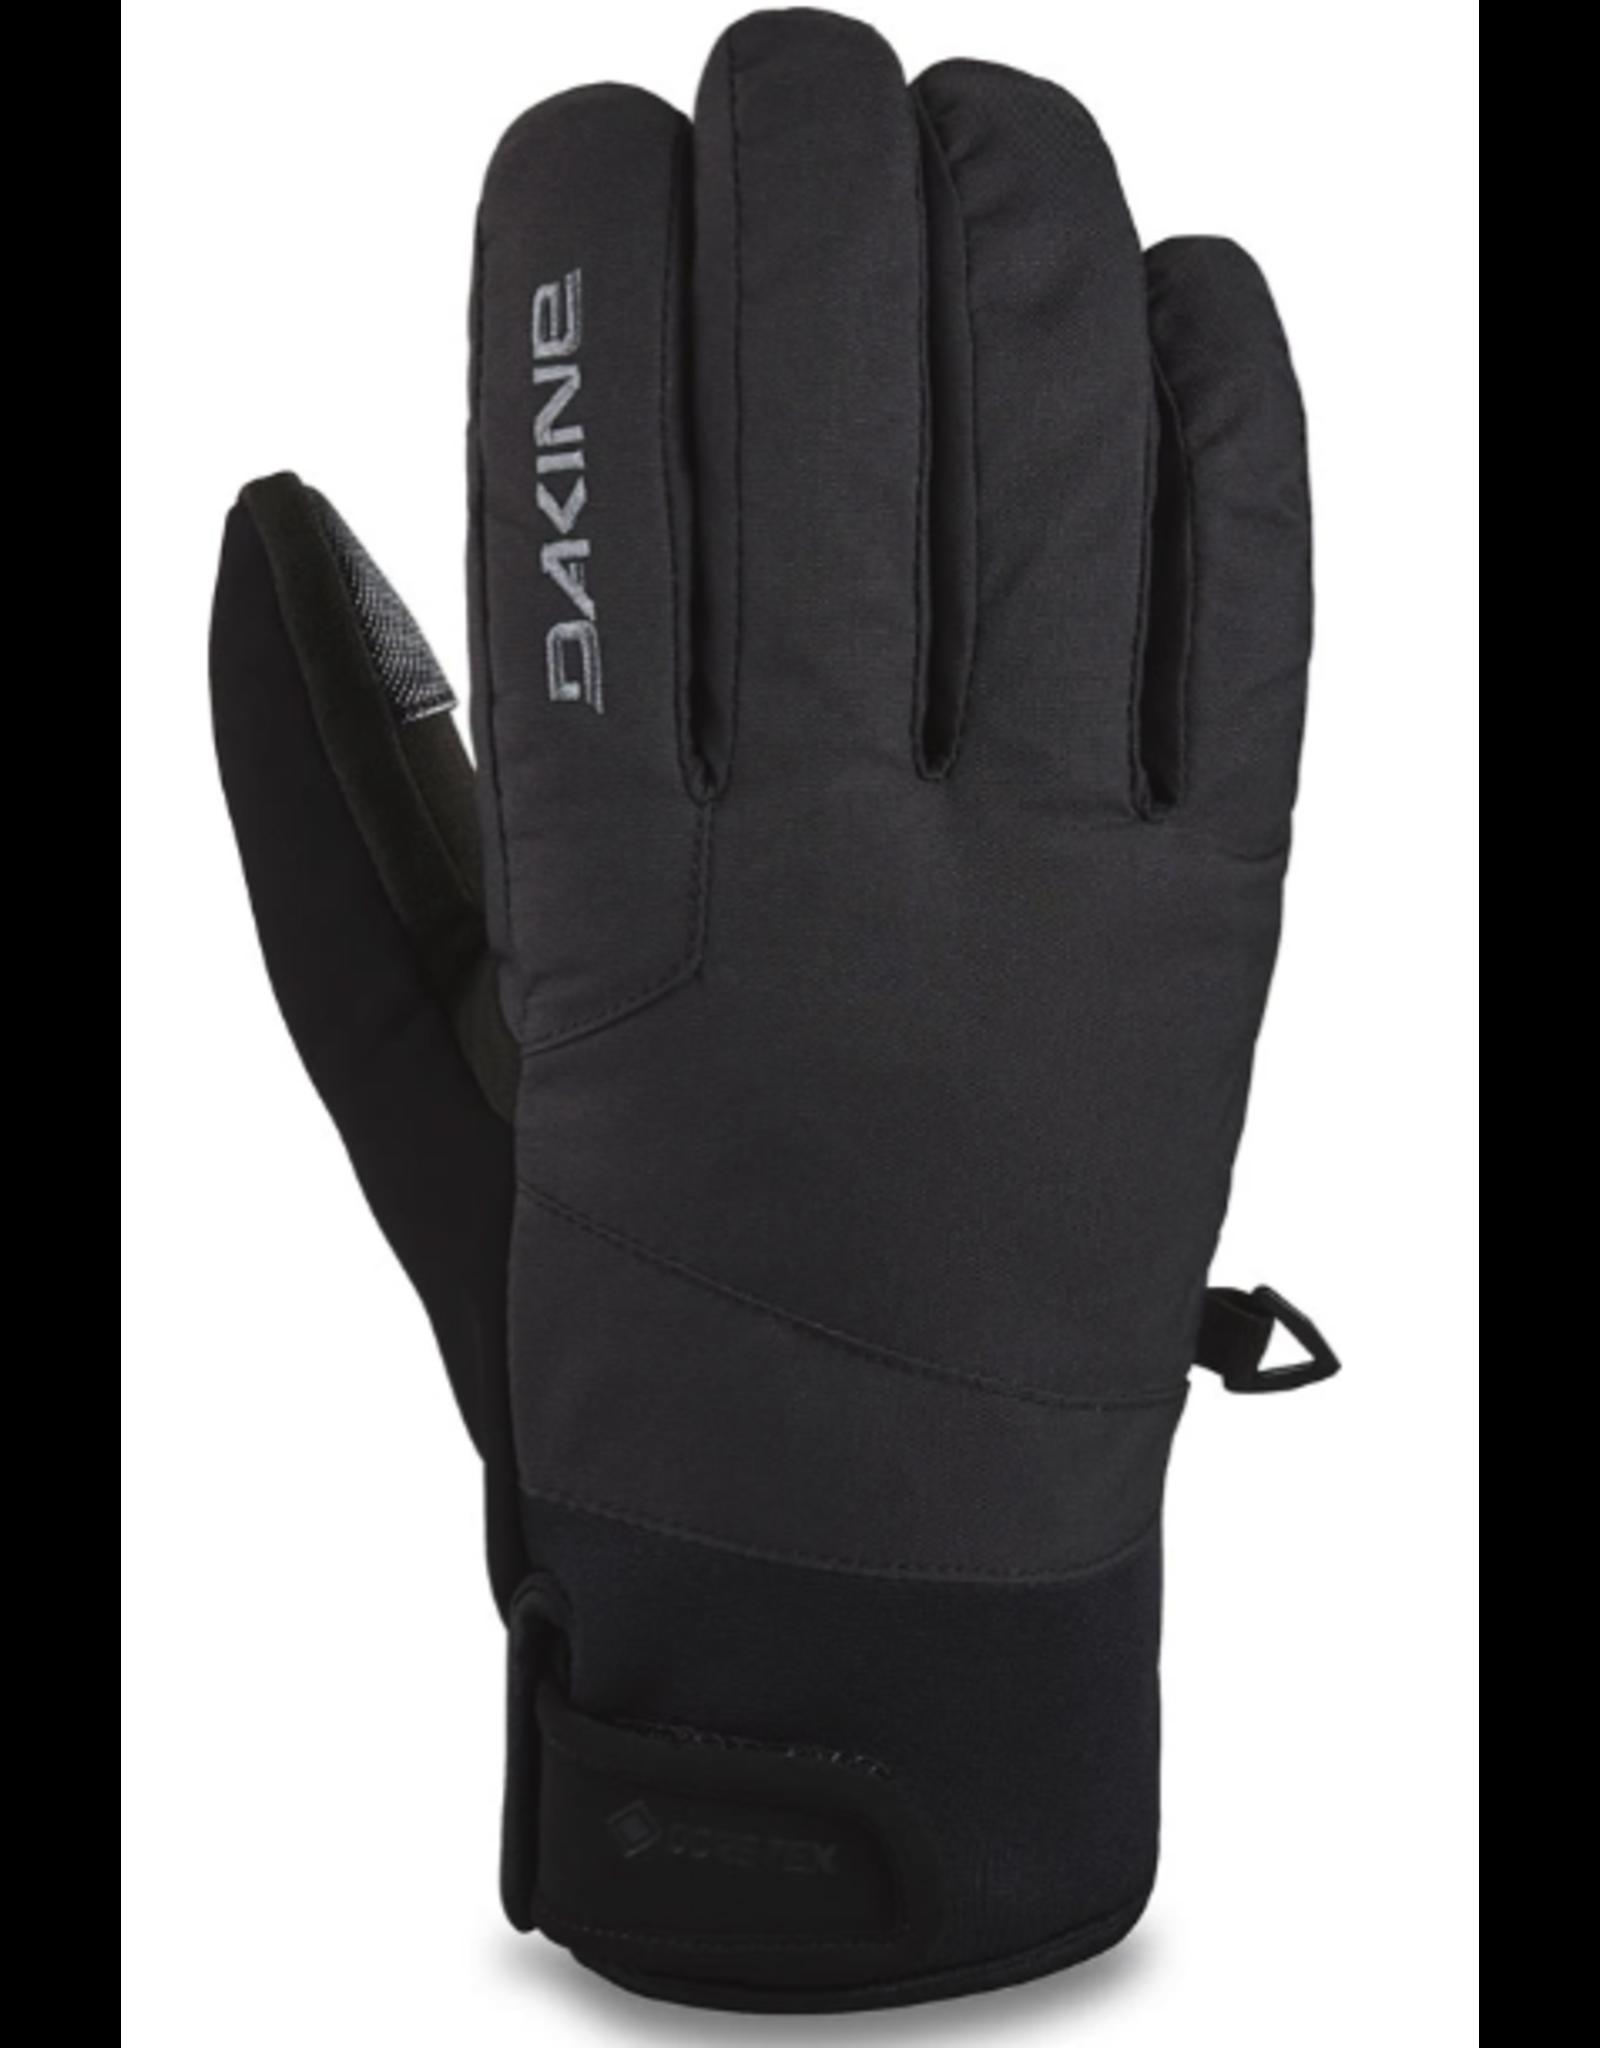 Dakine Impreza Gore Tex Glove